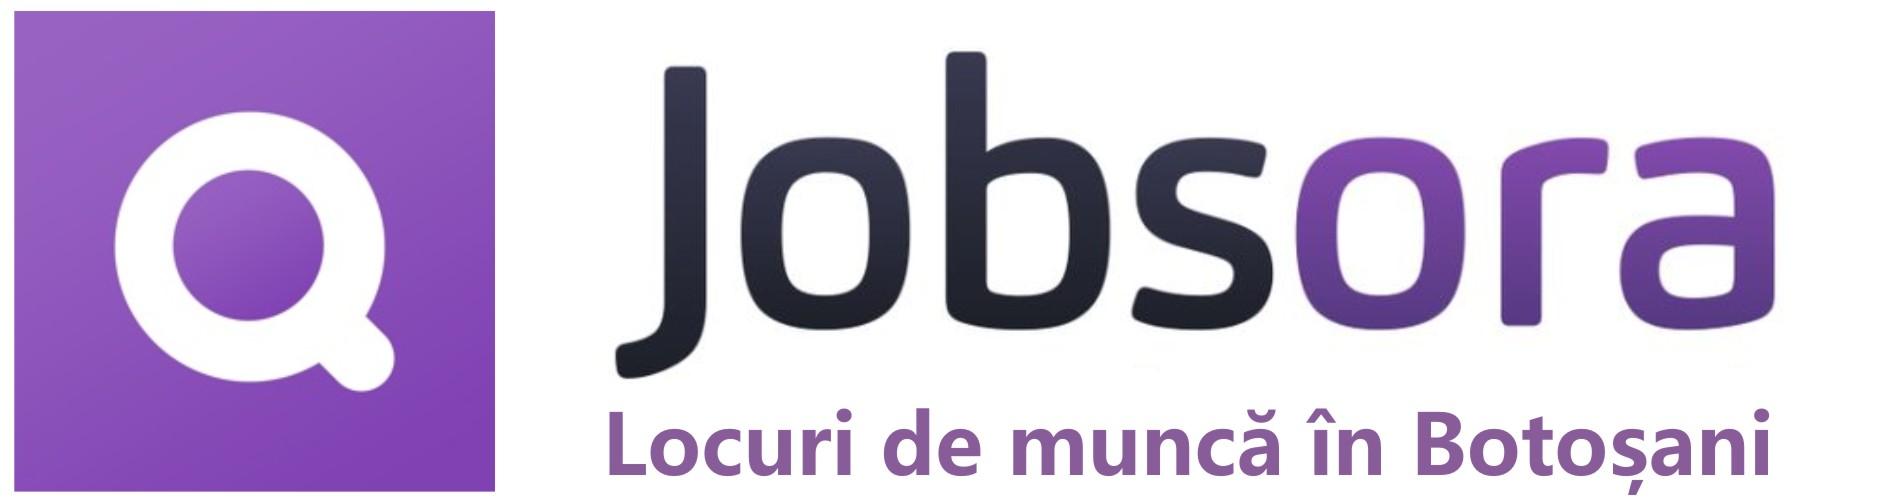 Locuri de muncă în Botoşani